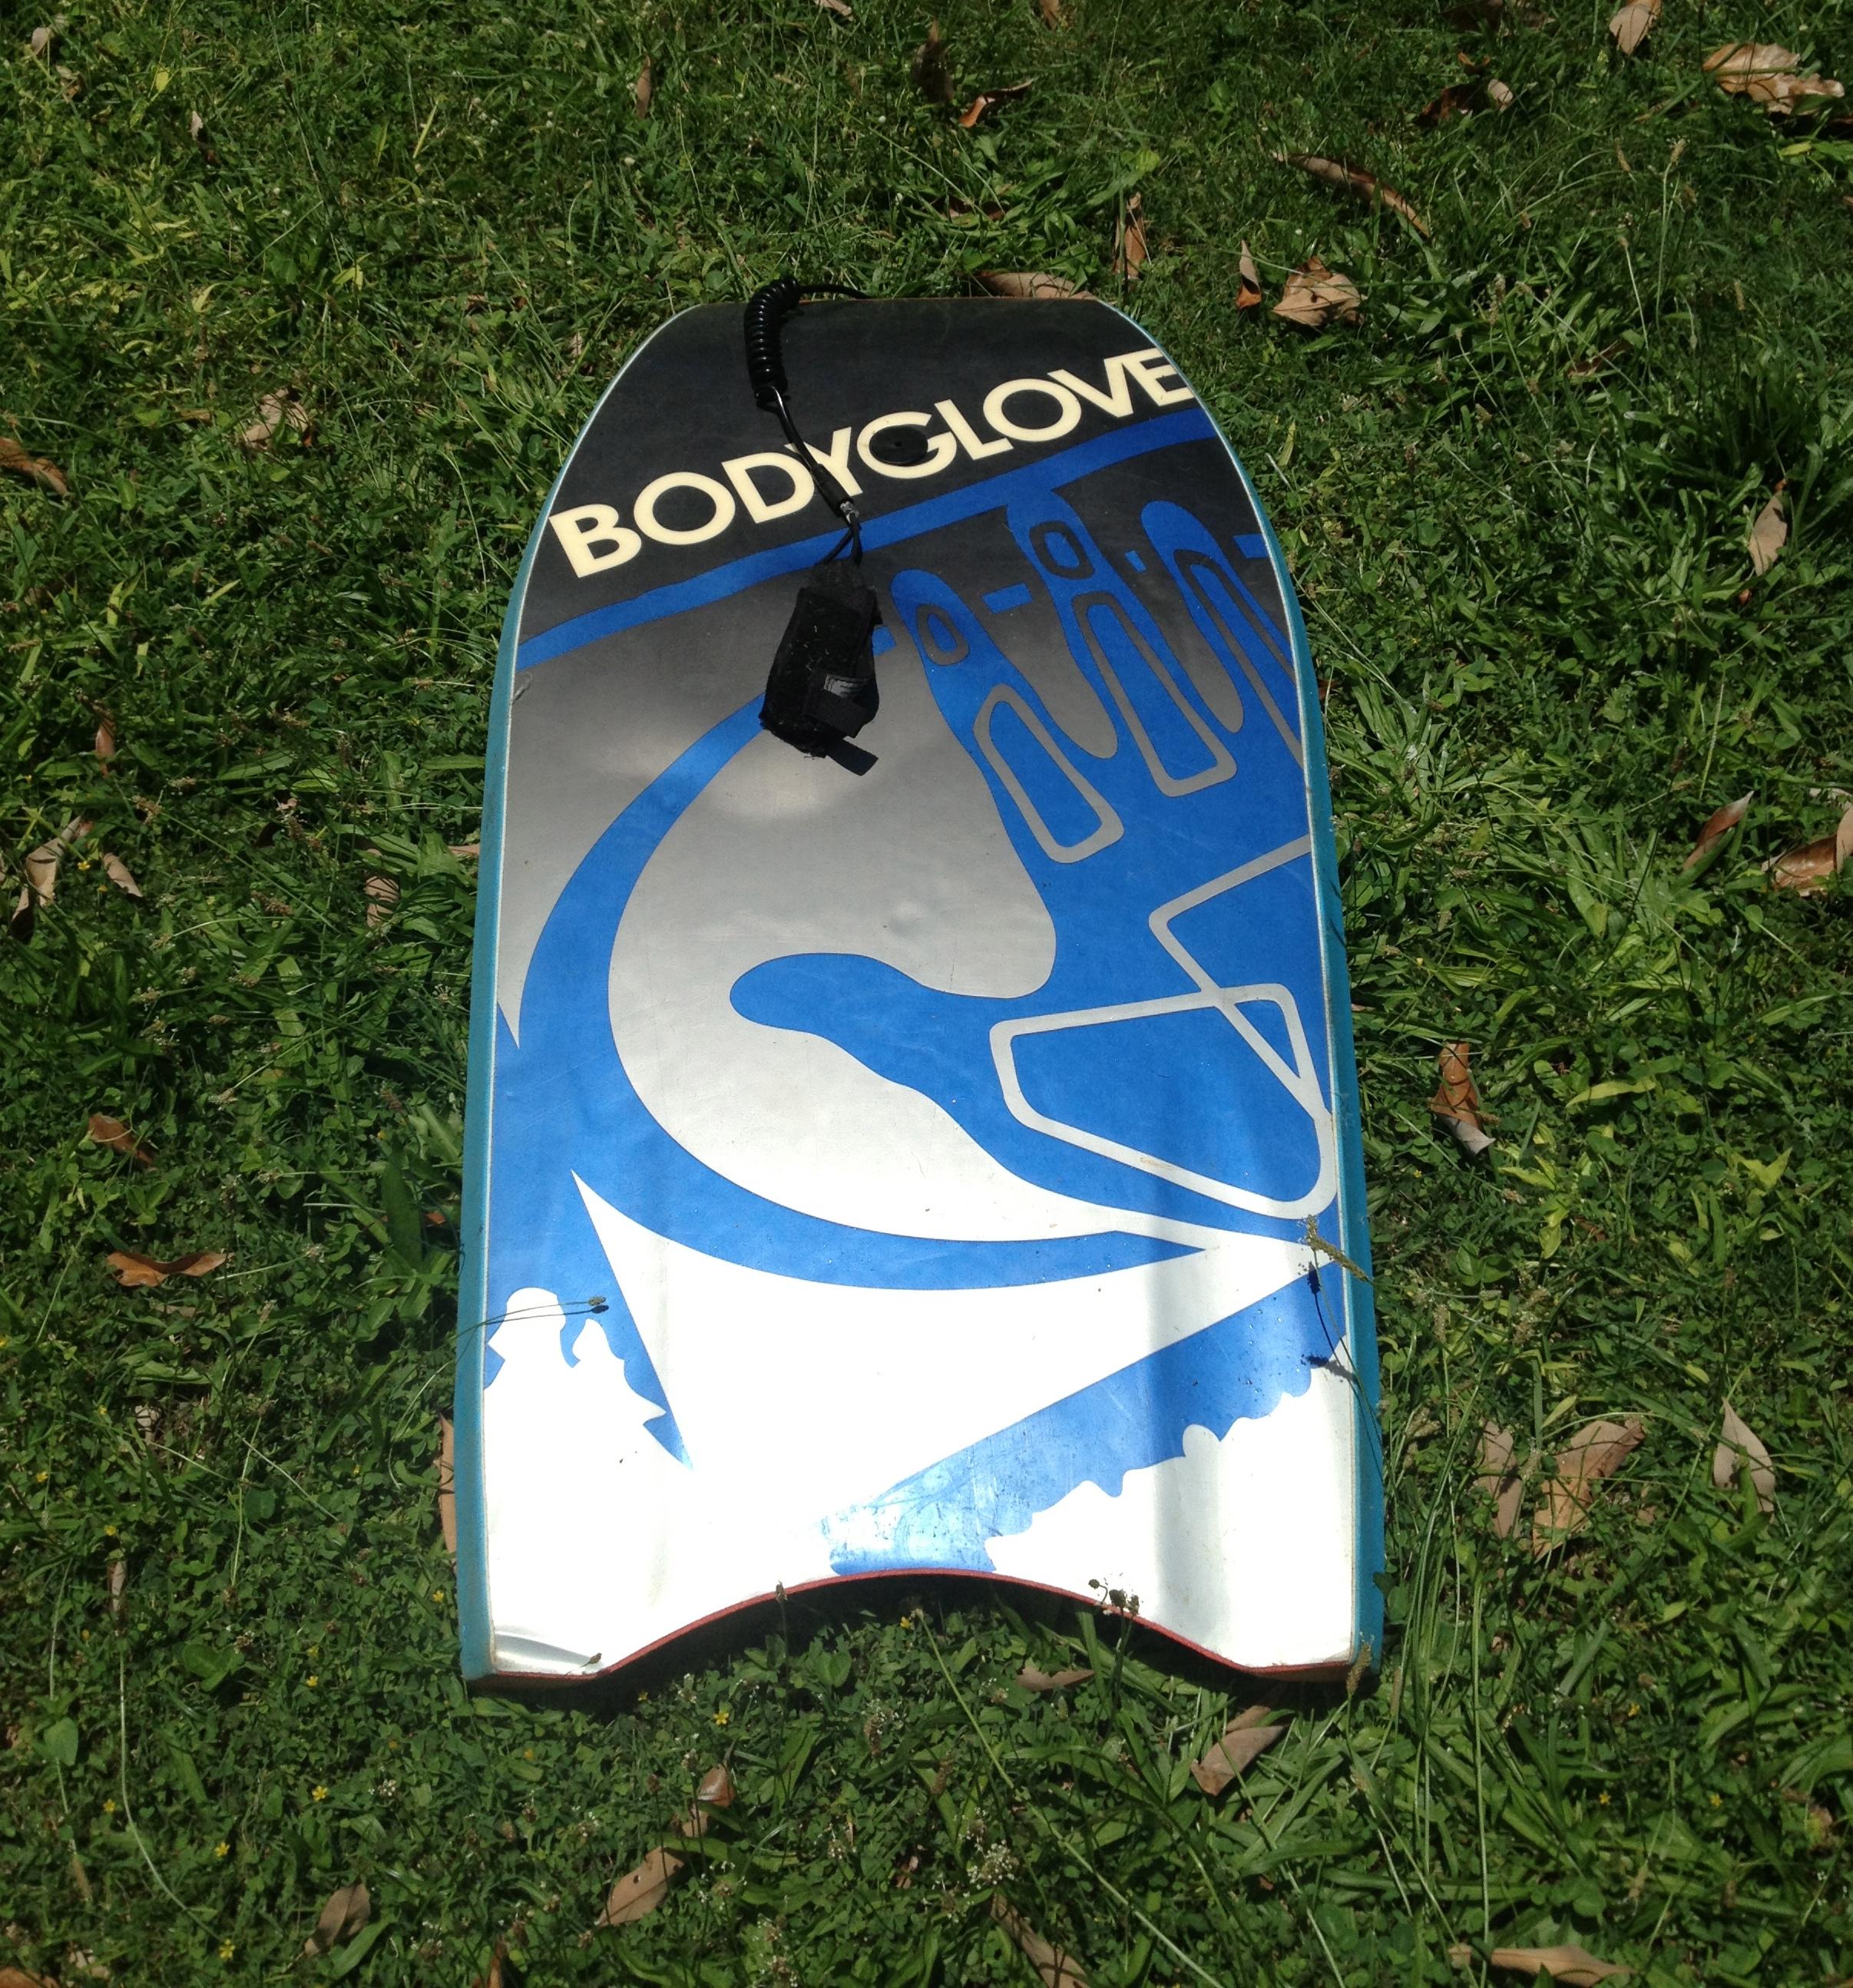 Kauai Bodyboard Rental